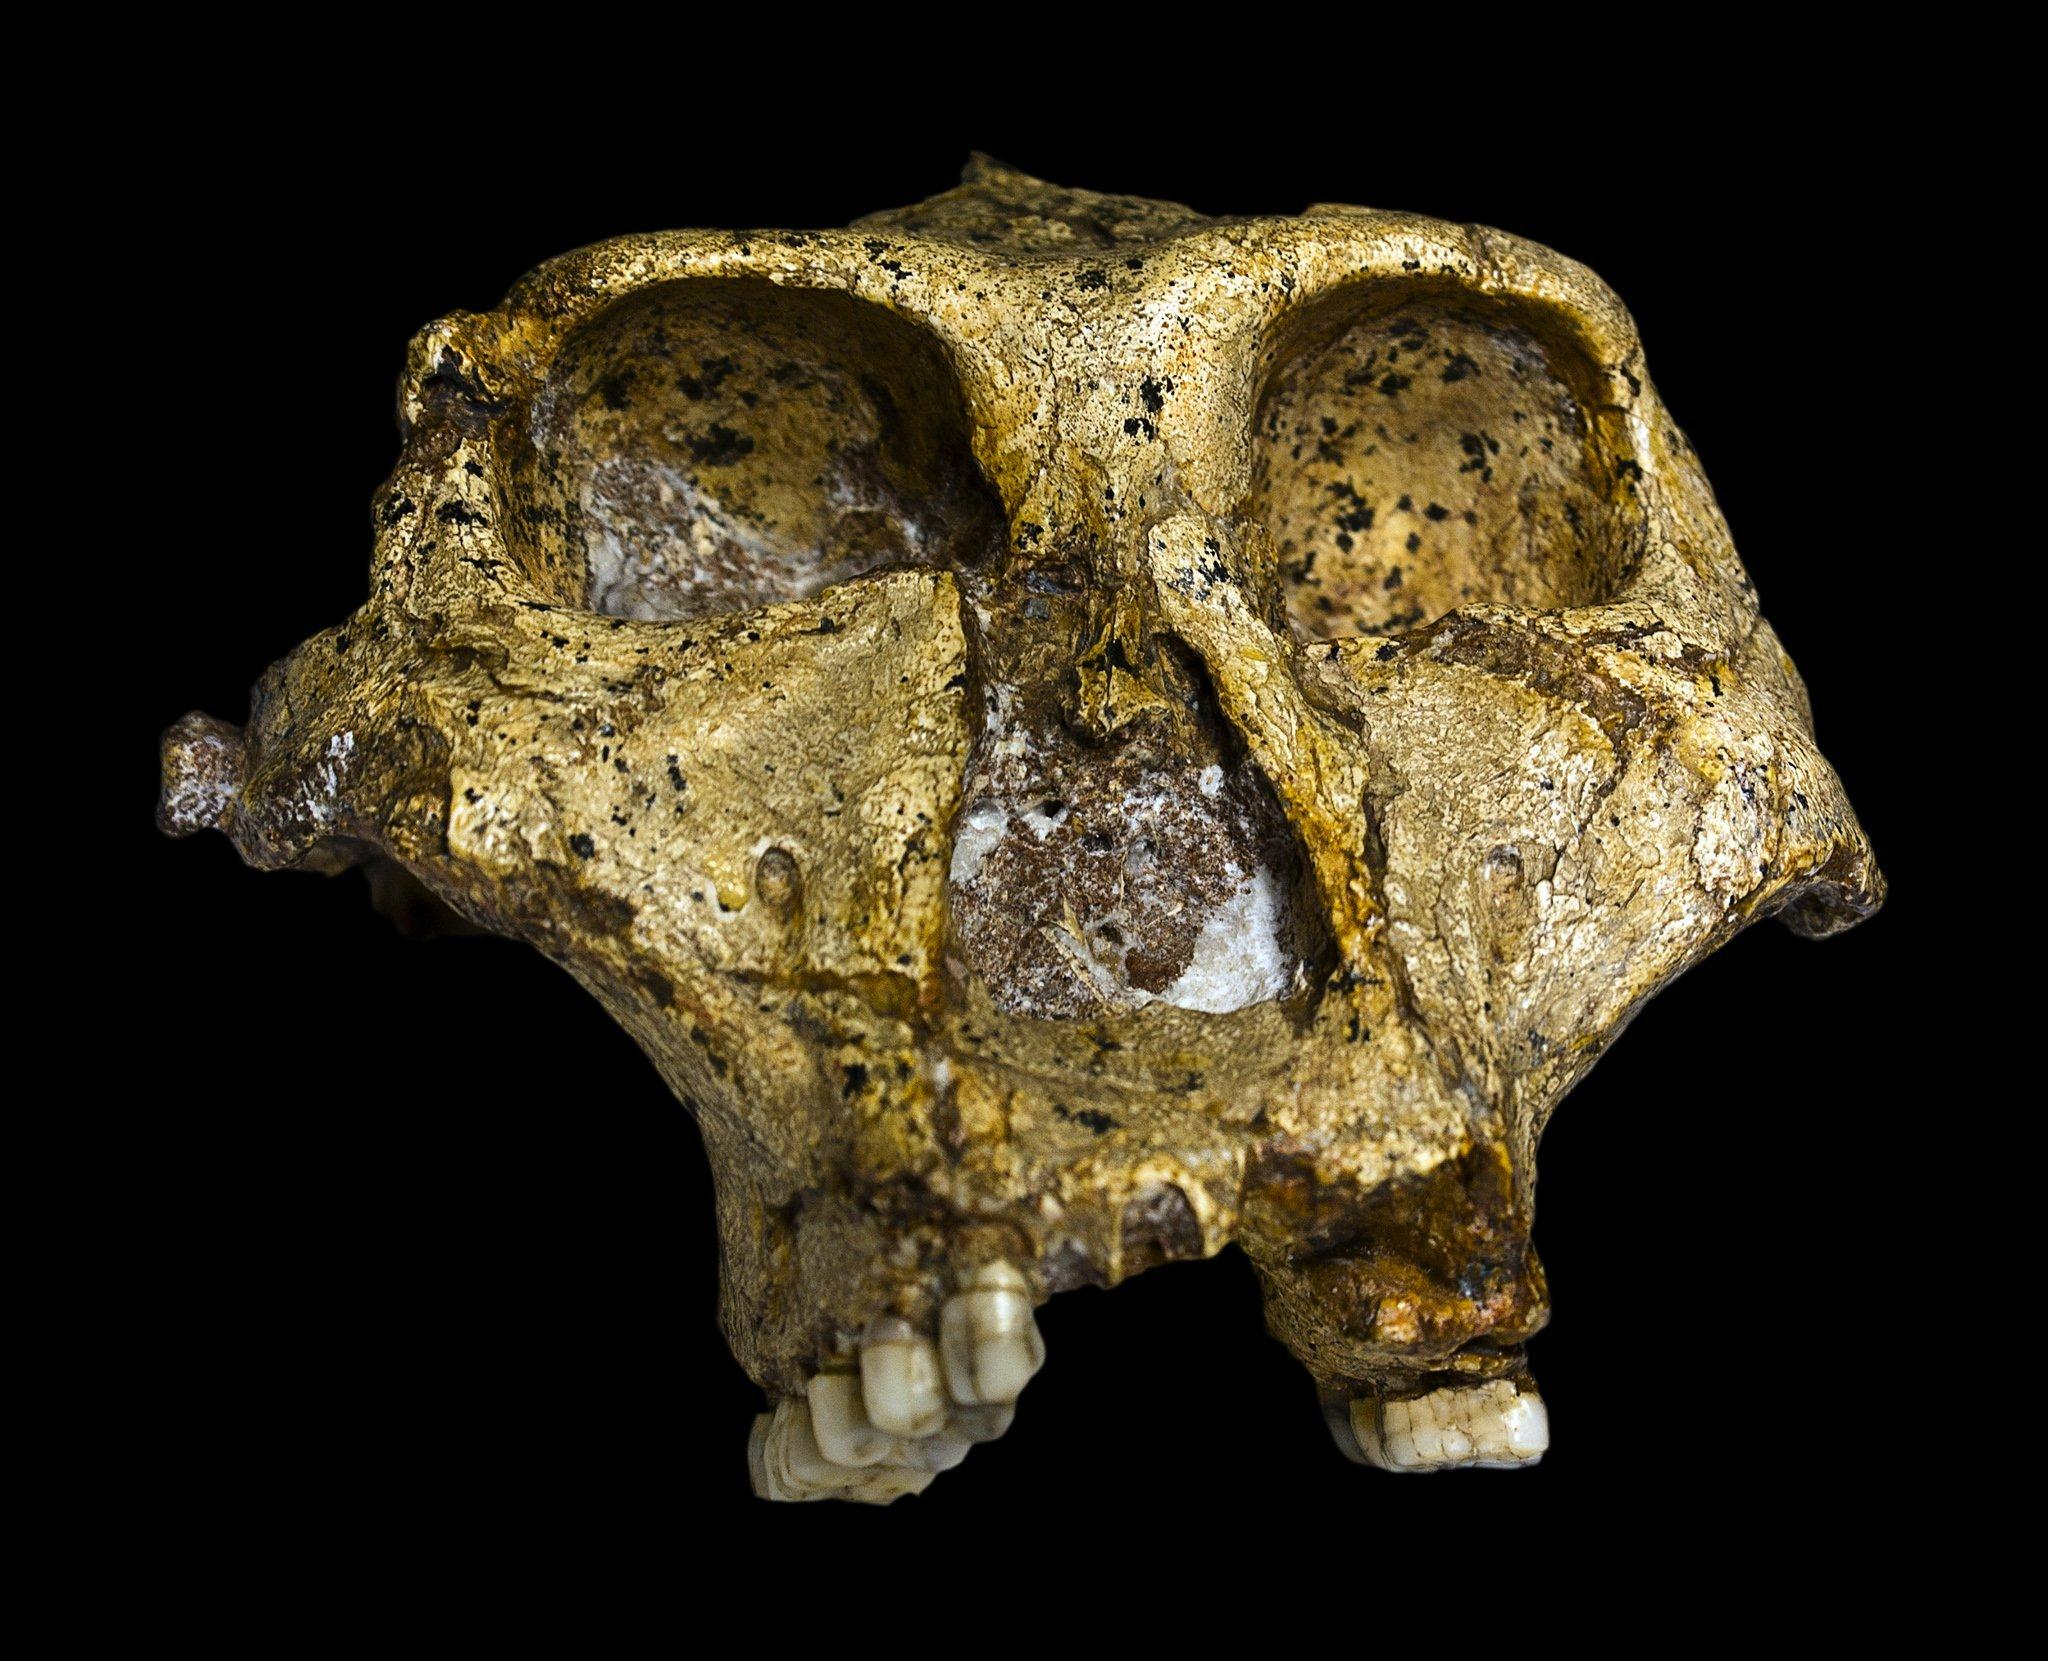 Dieser Schädel des 1938entdeckten Paranthropus robustus lässt erkennen, dass das Wesen riesige Zähne, aber aber nur ein bescheidenes Gehirn besaß. Es handelt sich um einen aufrecht gehenden Verwandten des Menschen, der heute aber einer ausgestorbenen Seitenlinie zugeordnet wird.